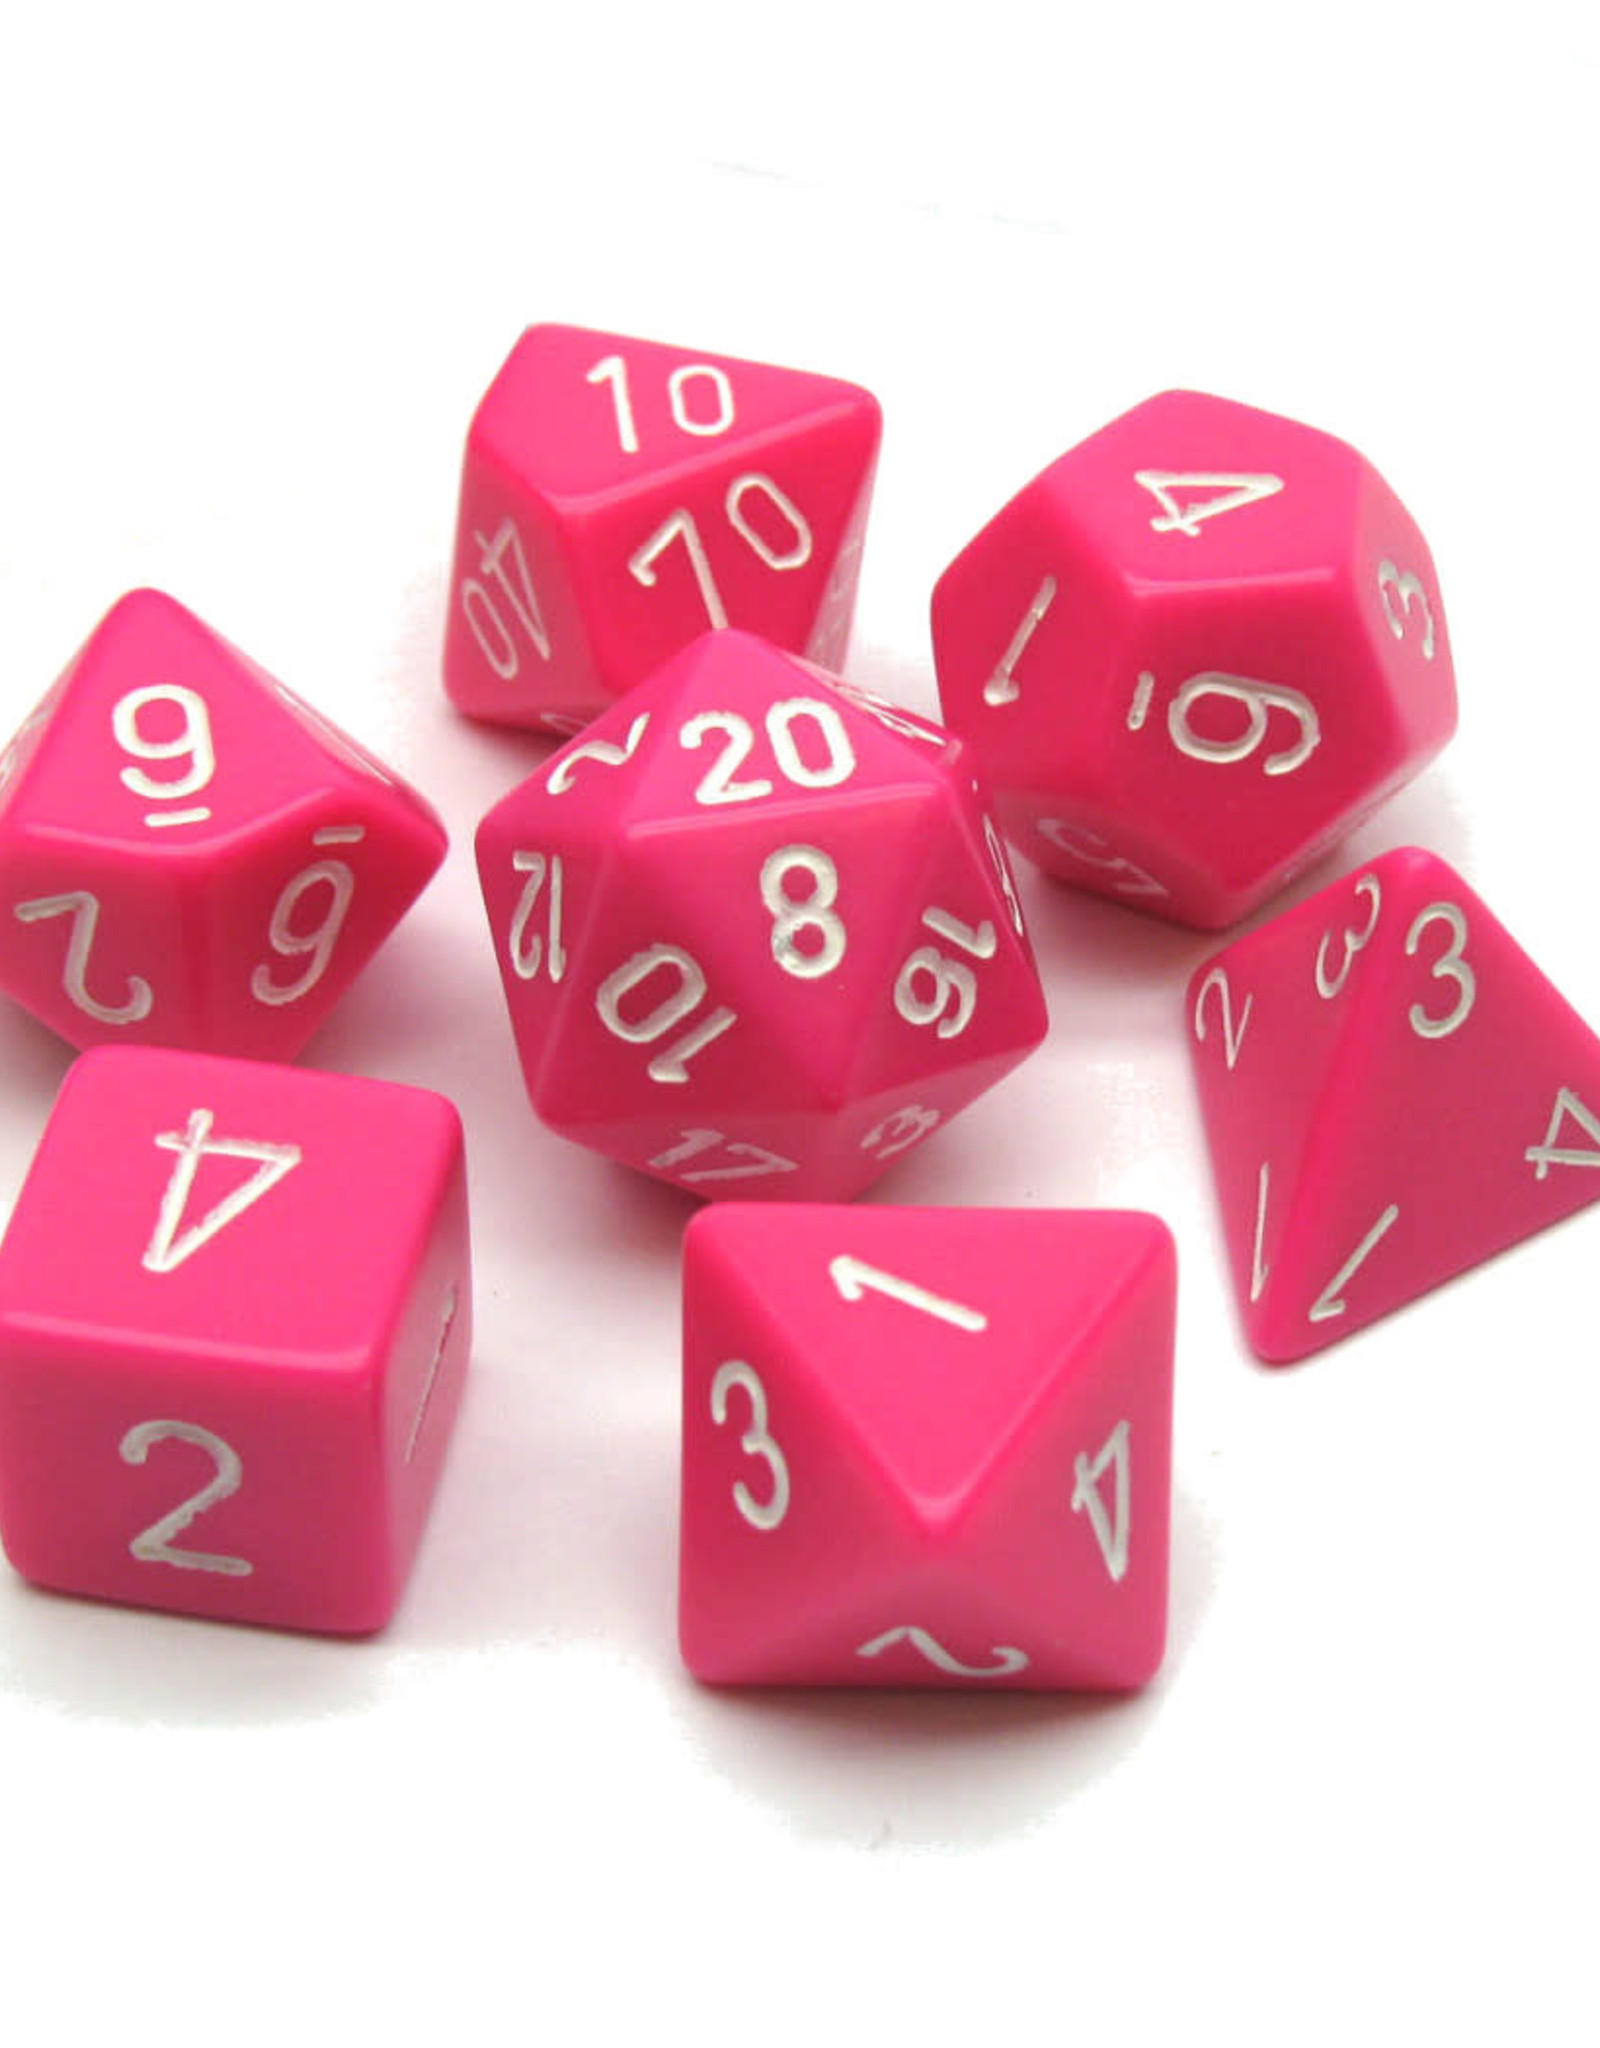 Chessex Dice Block 7ct. - Pink/White